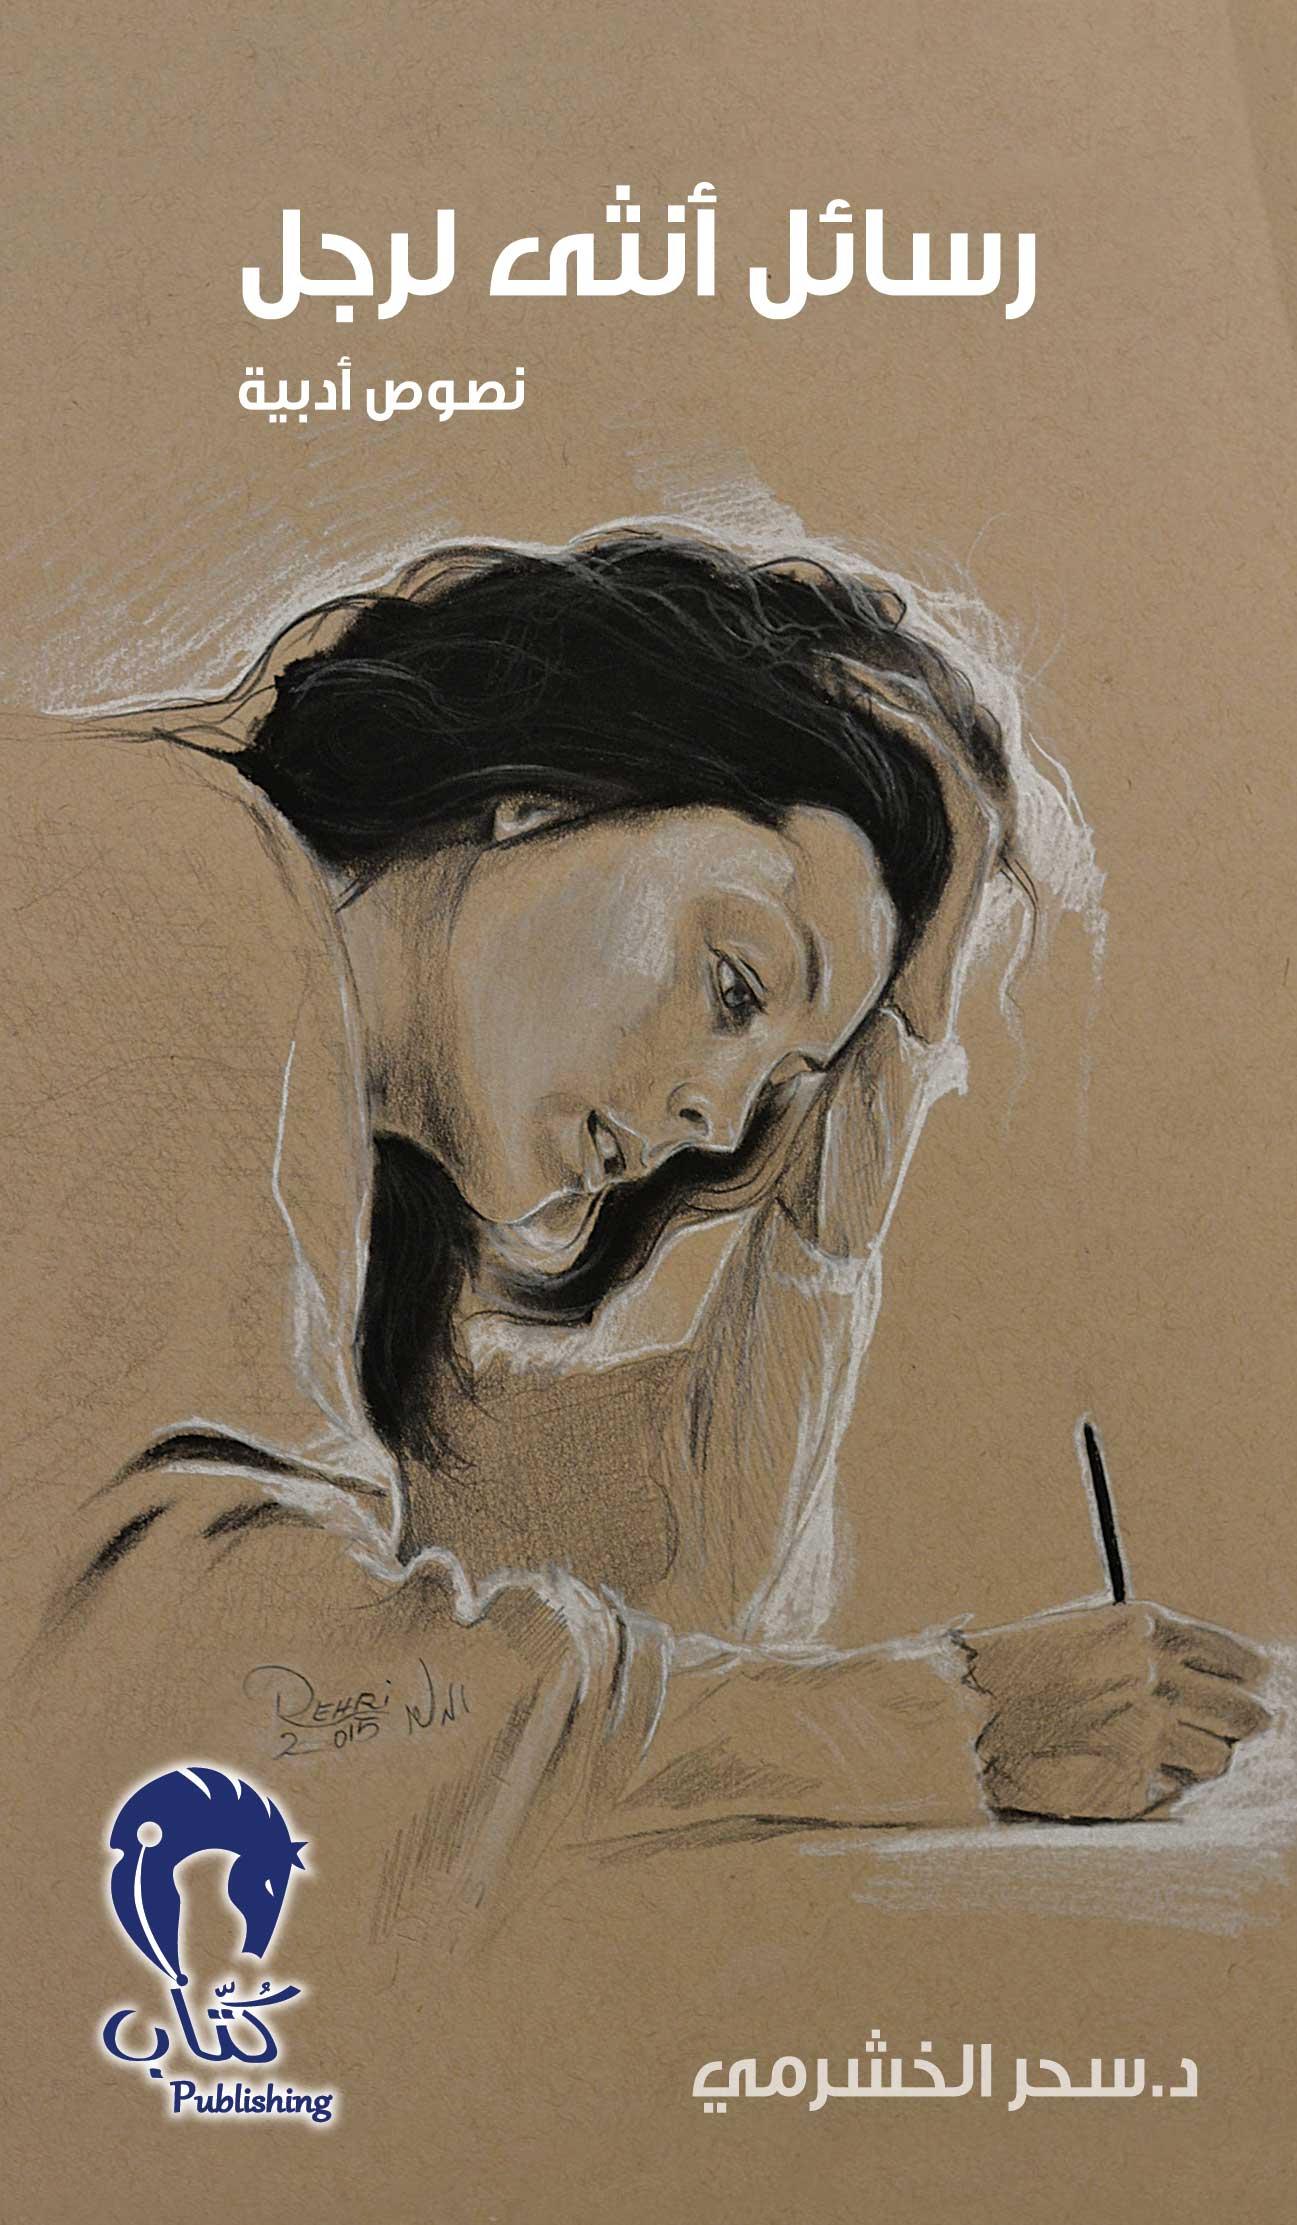 بالصور رواية اماراتية , اشهر الروايات الاماراتيه 3453 1